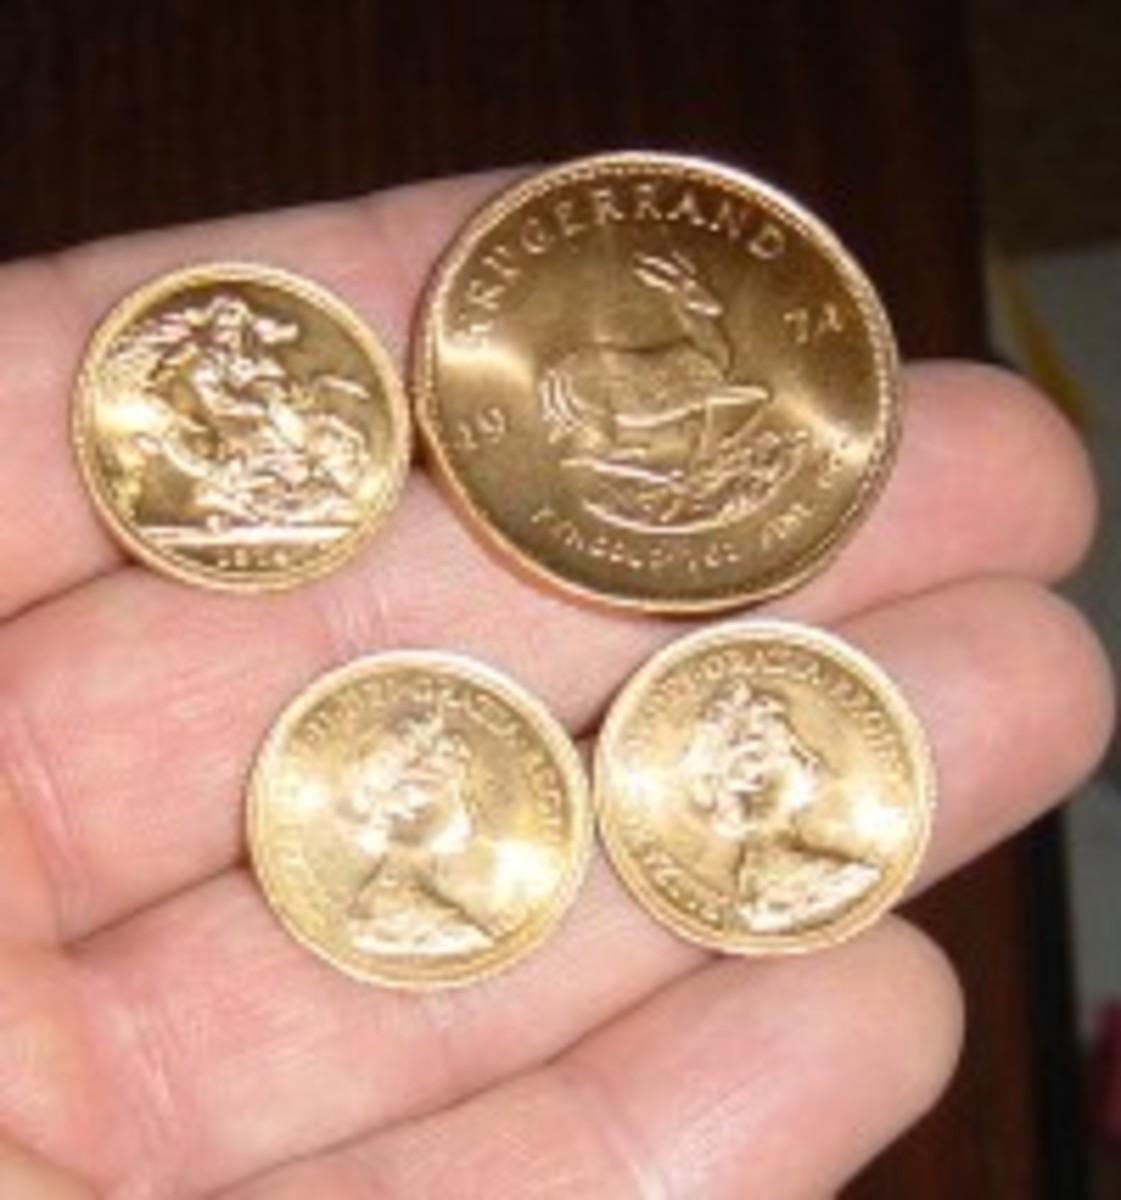 goldcoinsinhand.jpg